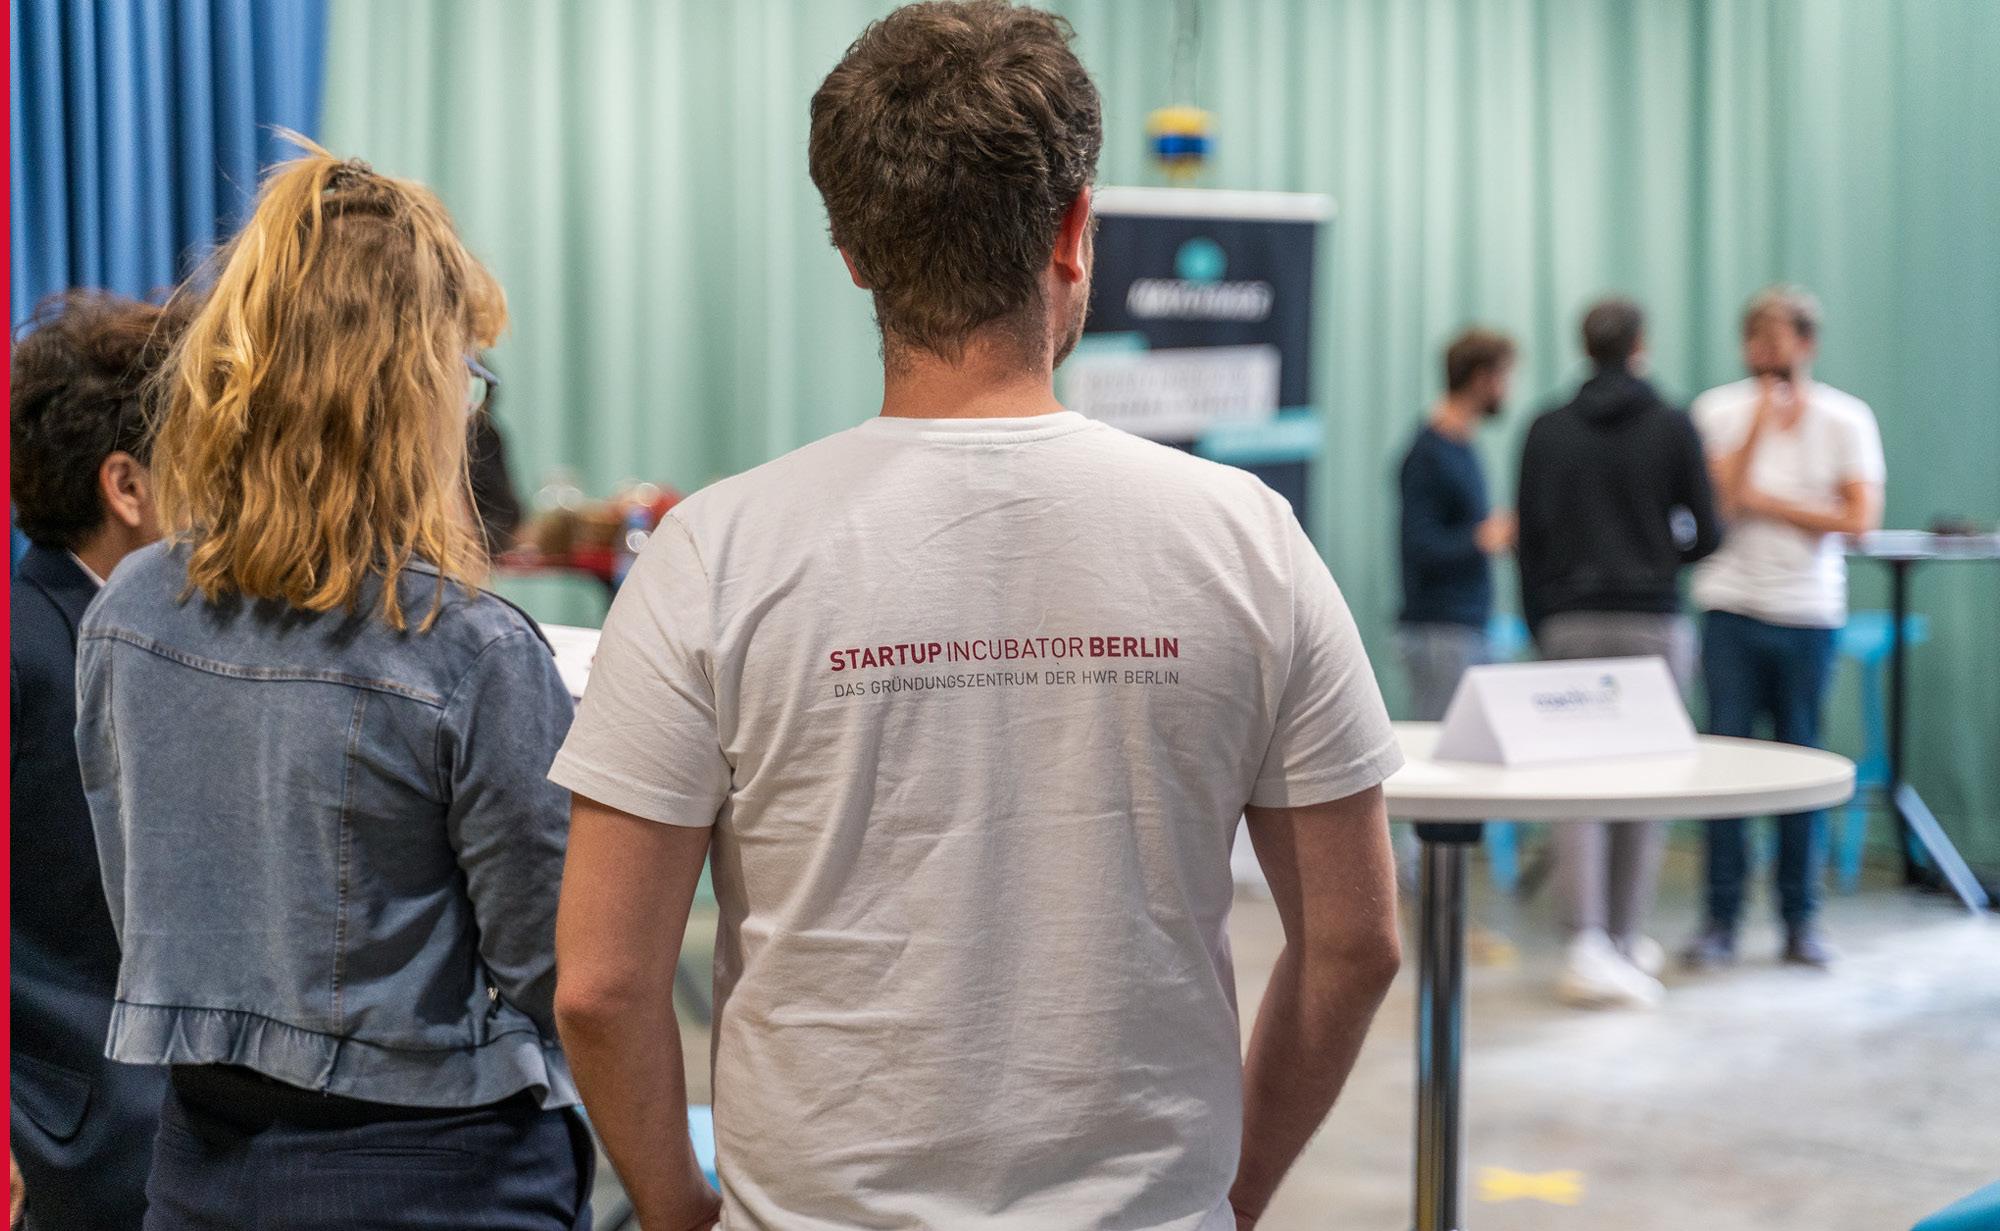 Gründungszentrum der HWR Berlin - Startup Incubator Berlin